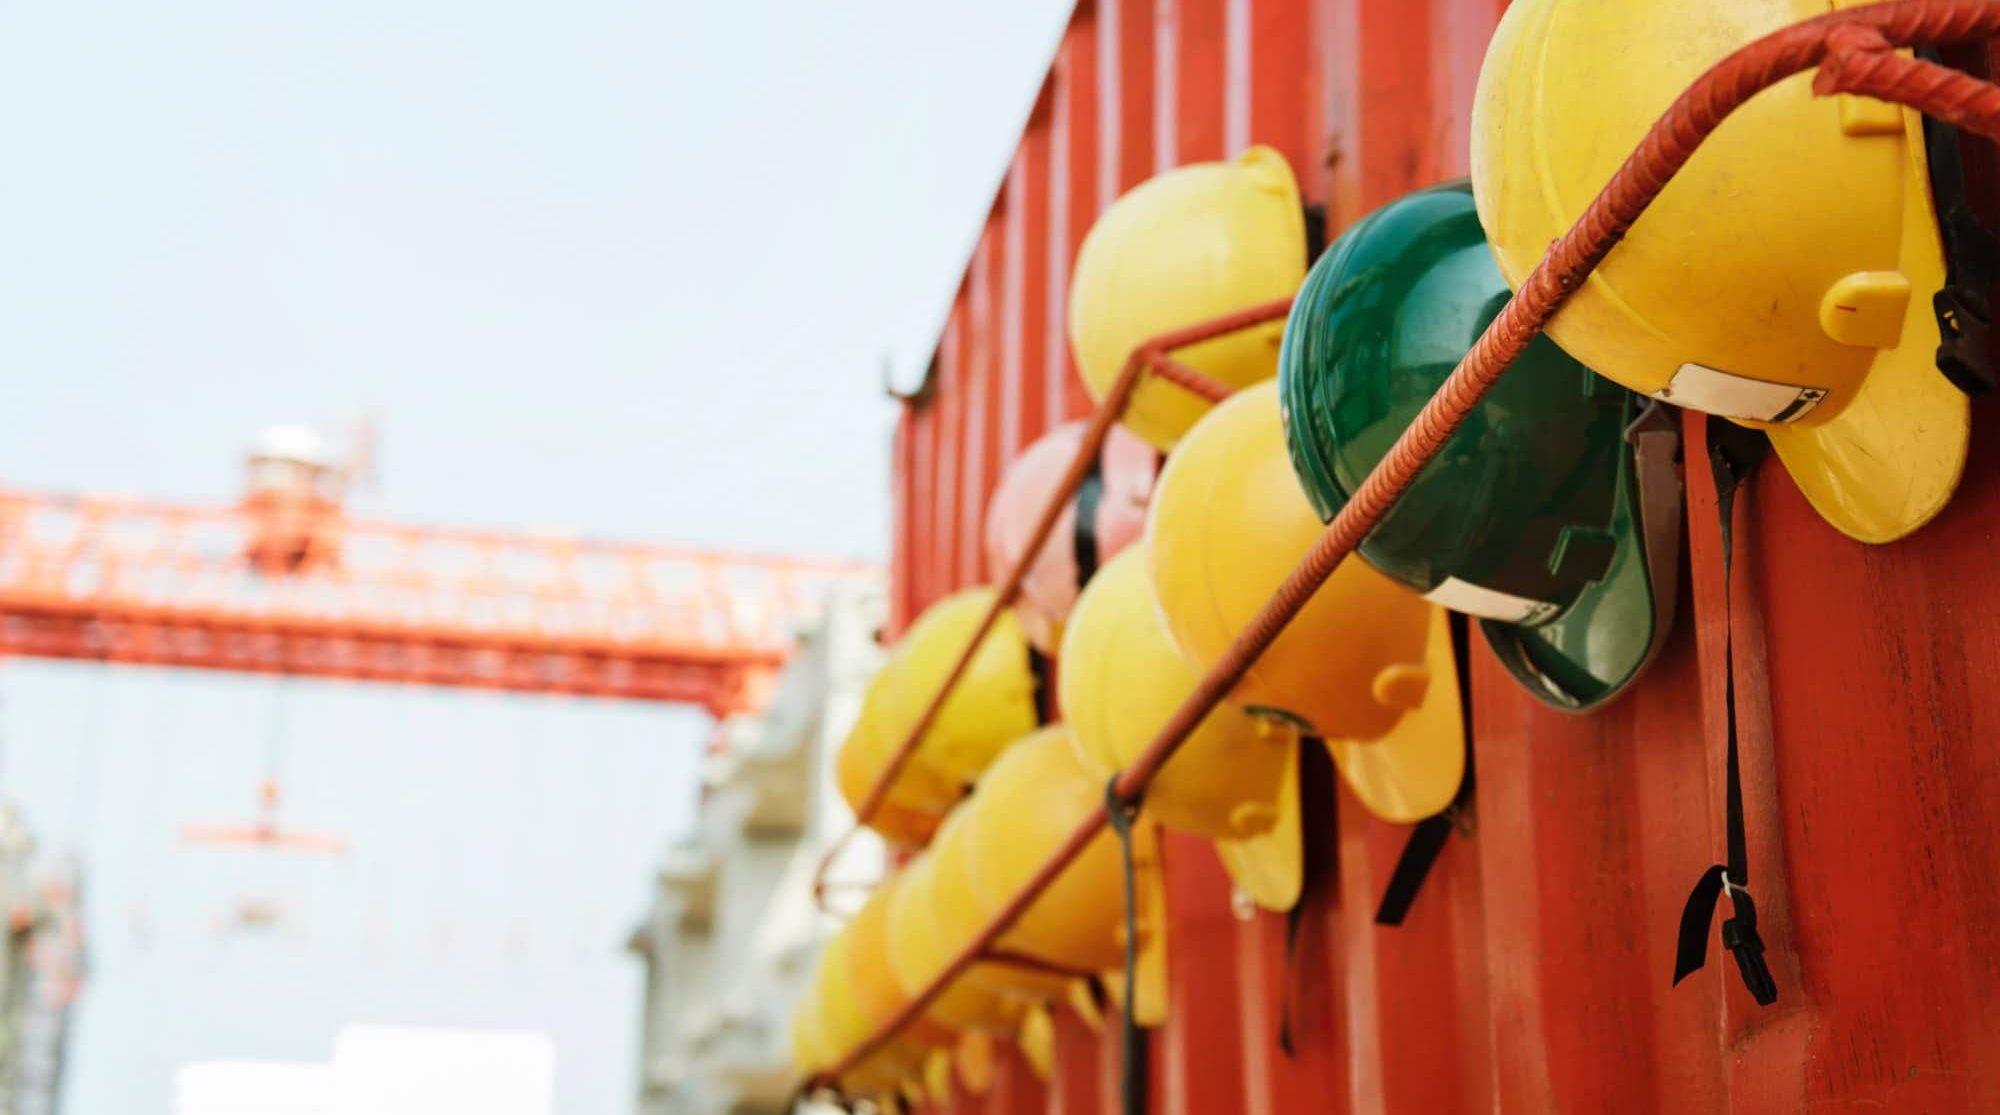 Inspectie SZW: Meer inzetten op bewustwording voor veiligheid in bedrijven